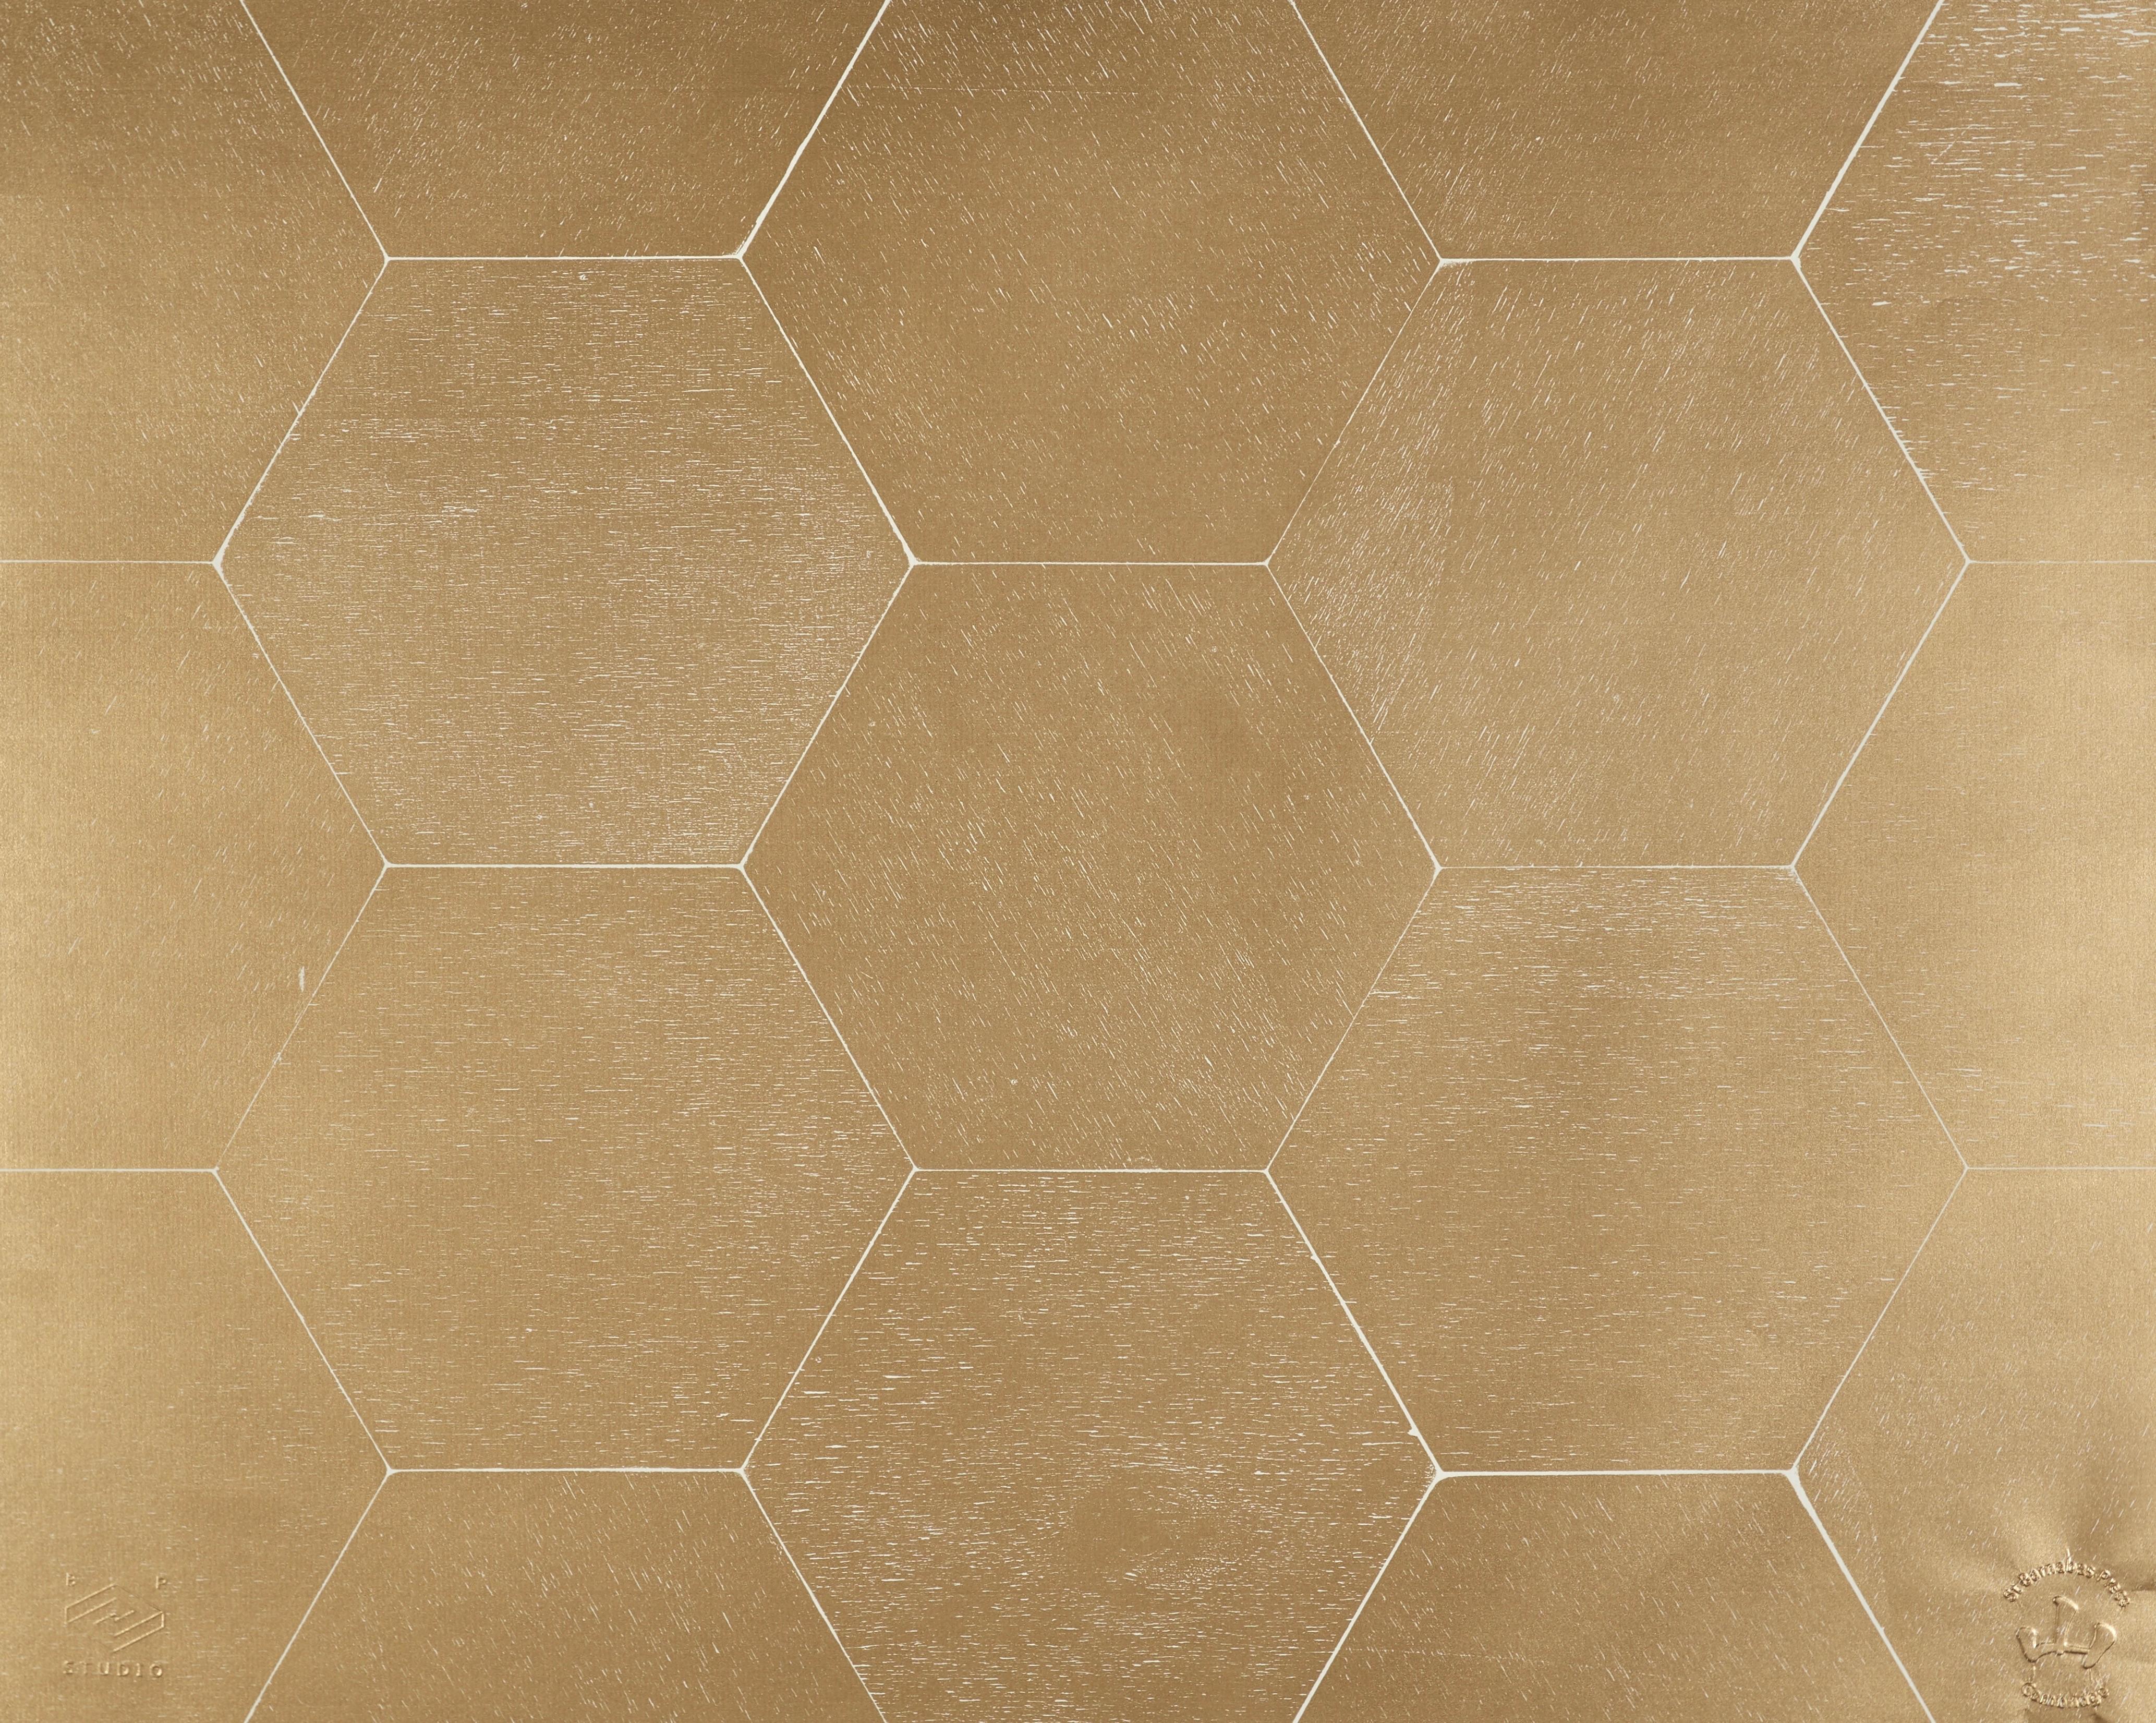 Gold Hexagons